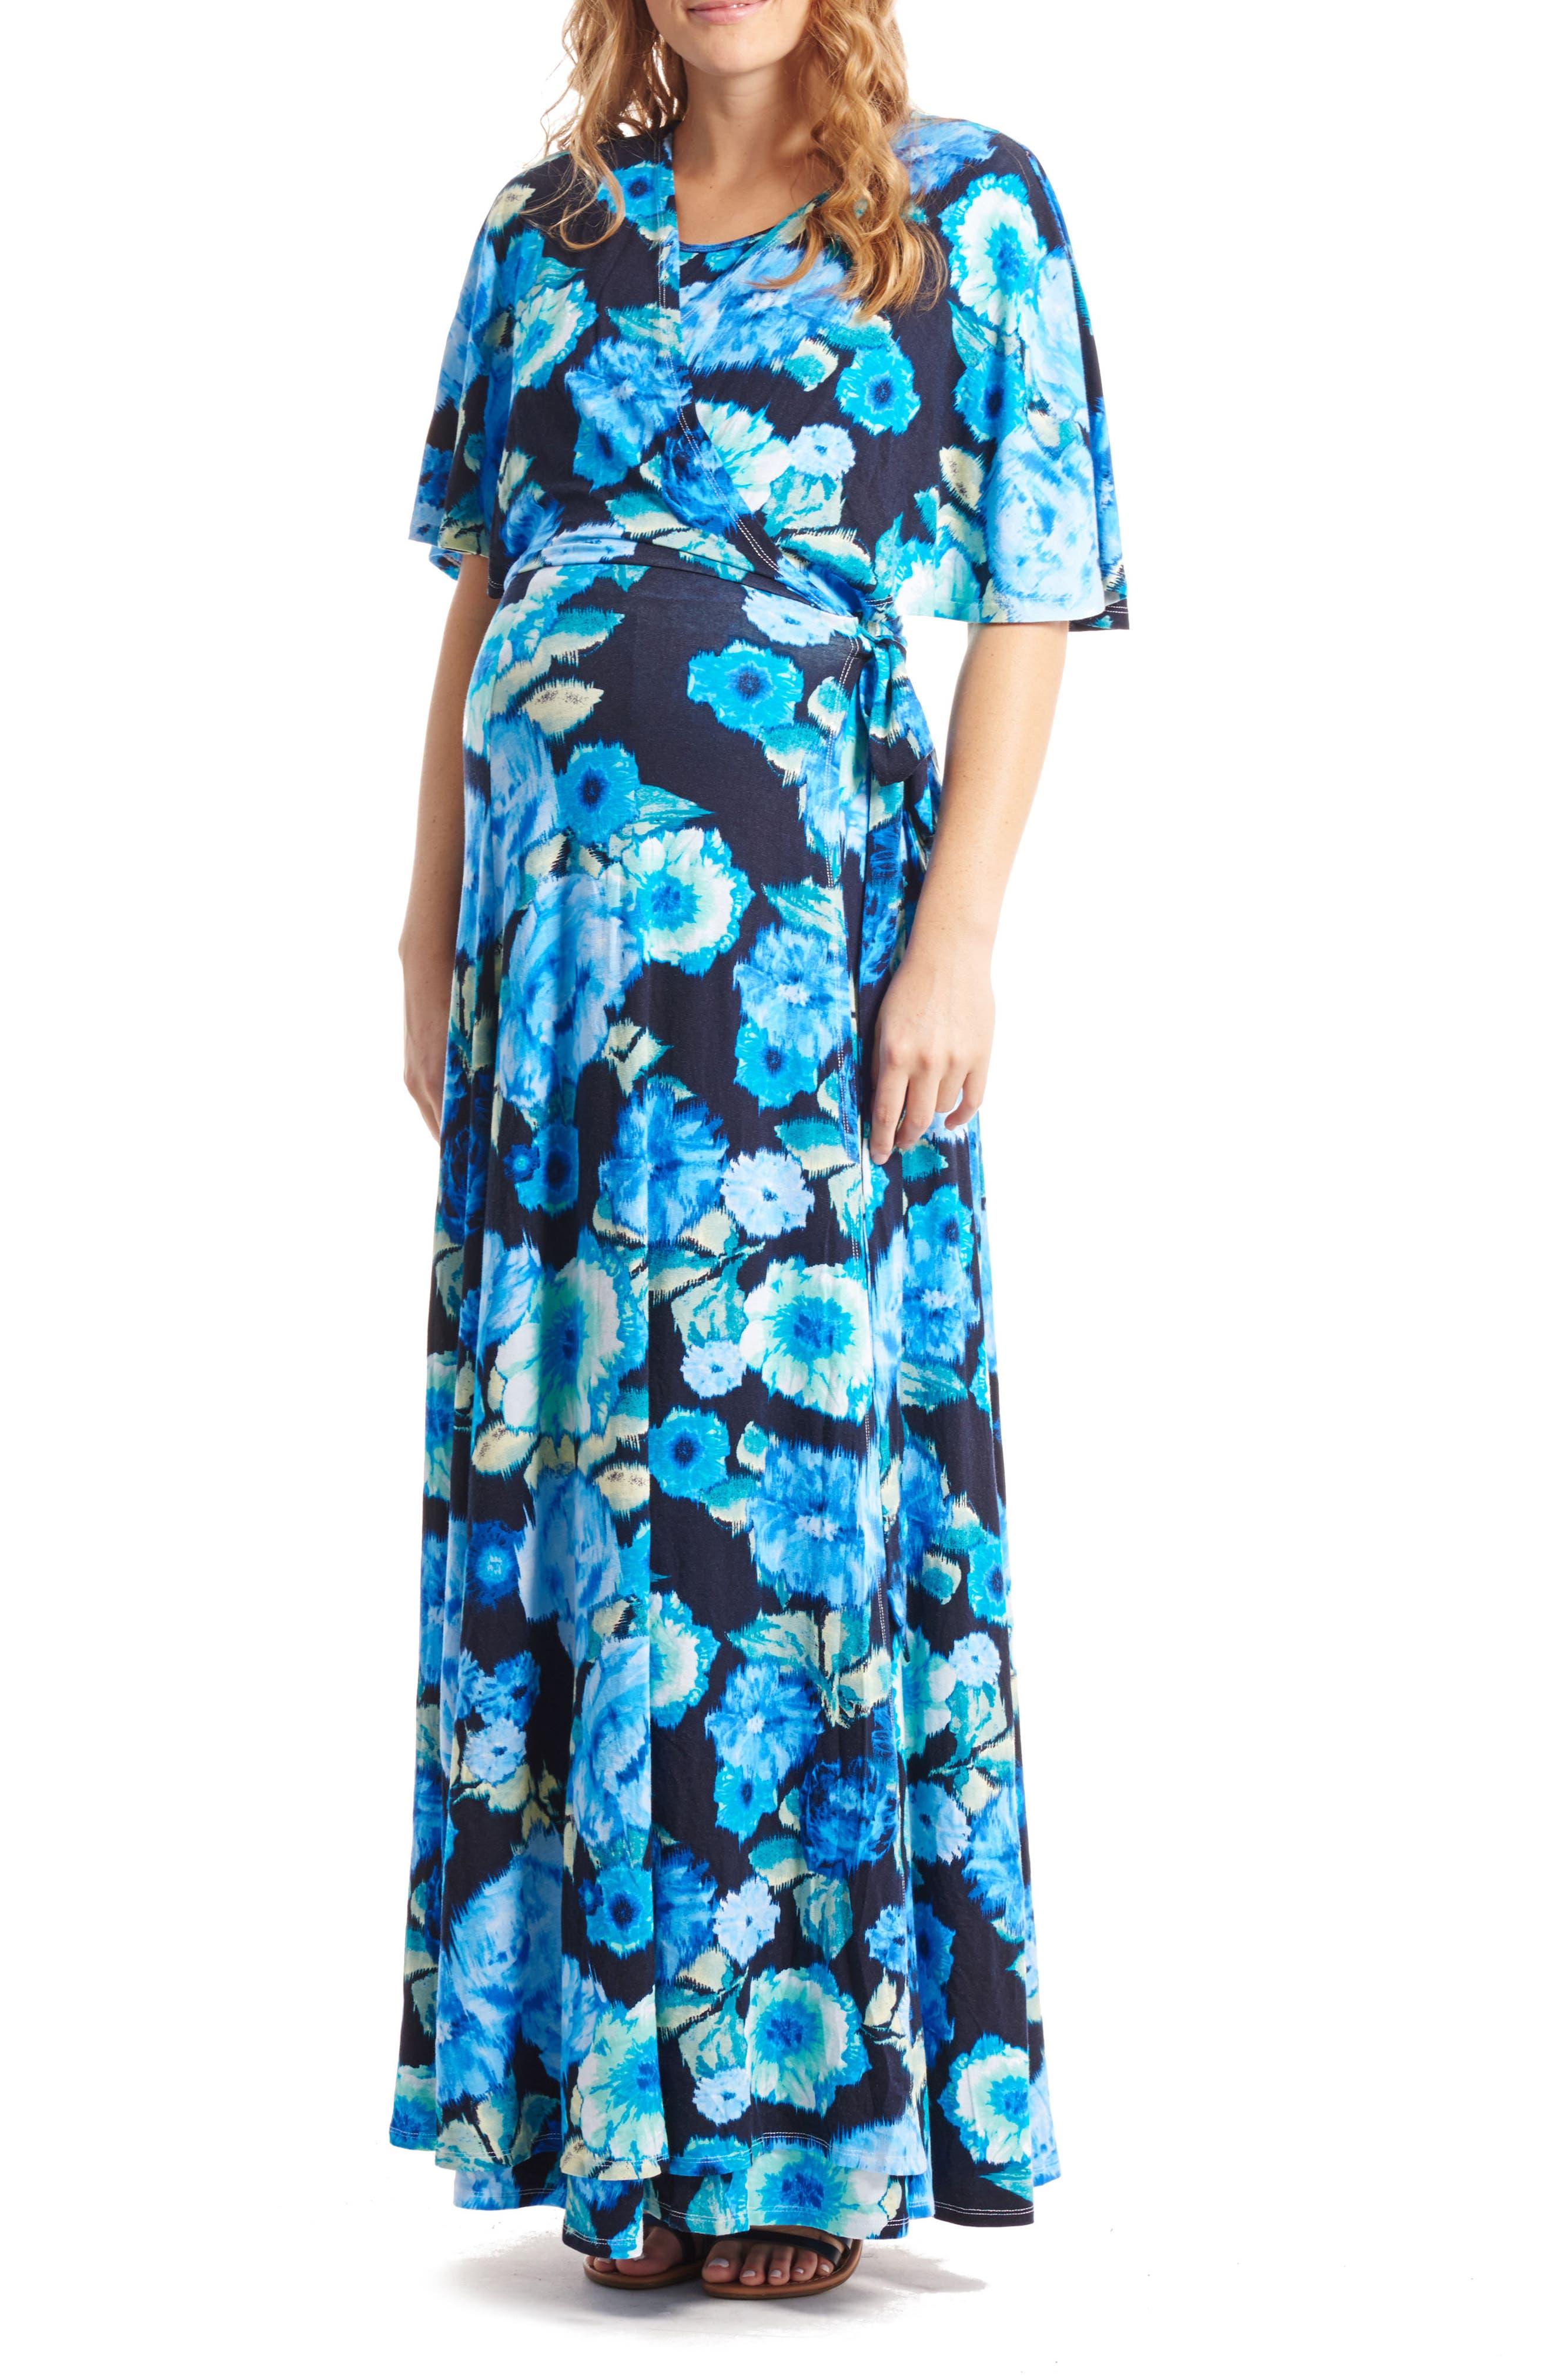 aqua dress | Nordstrom